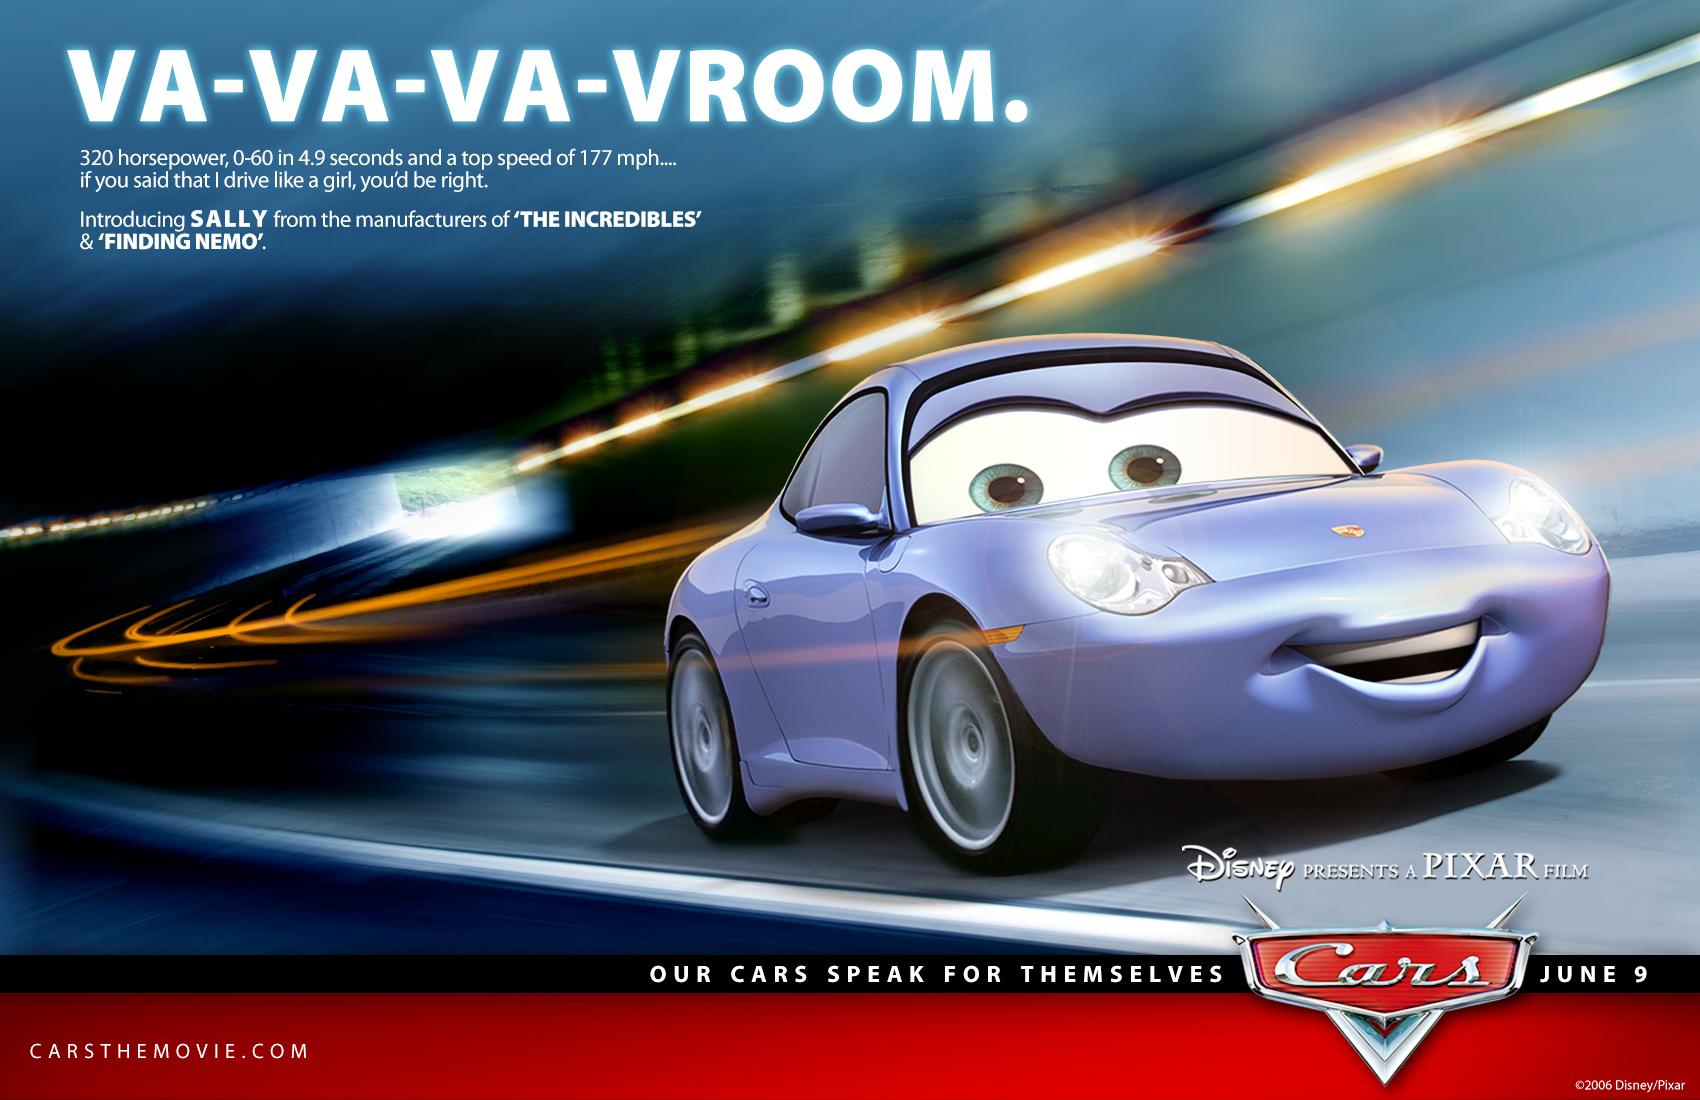 Super Fast Car Wallpaper Fondos De Pantalla De Cars De Disney Pixar Wallpapers Gratis